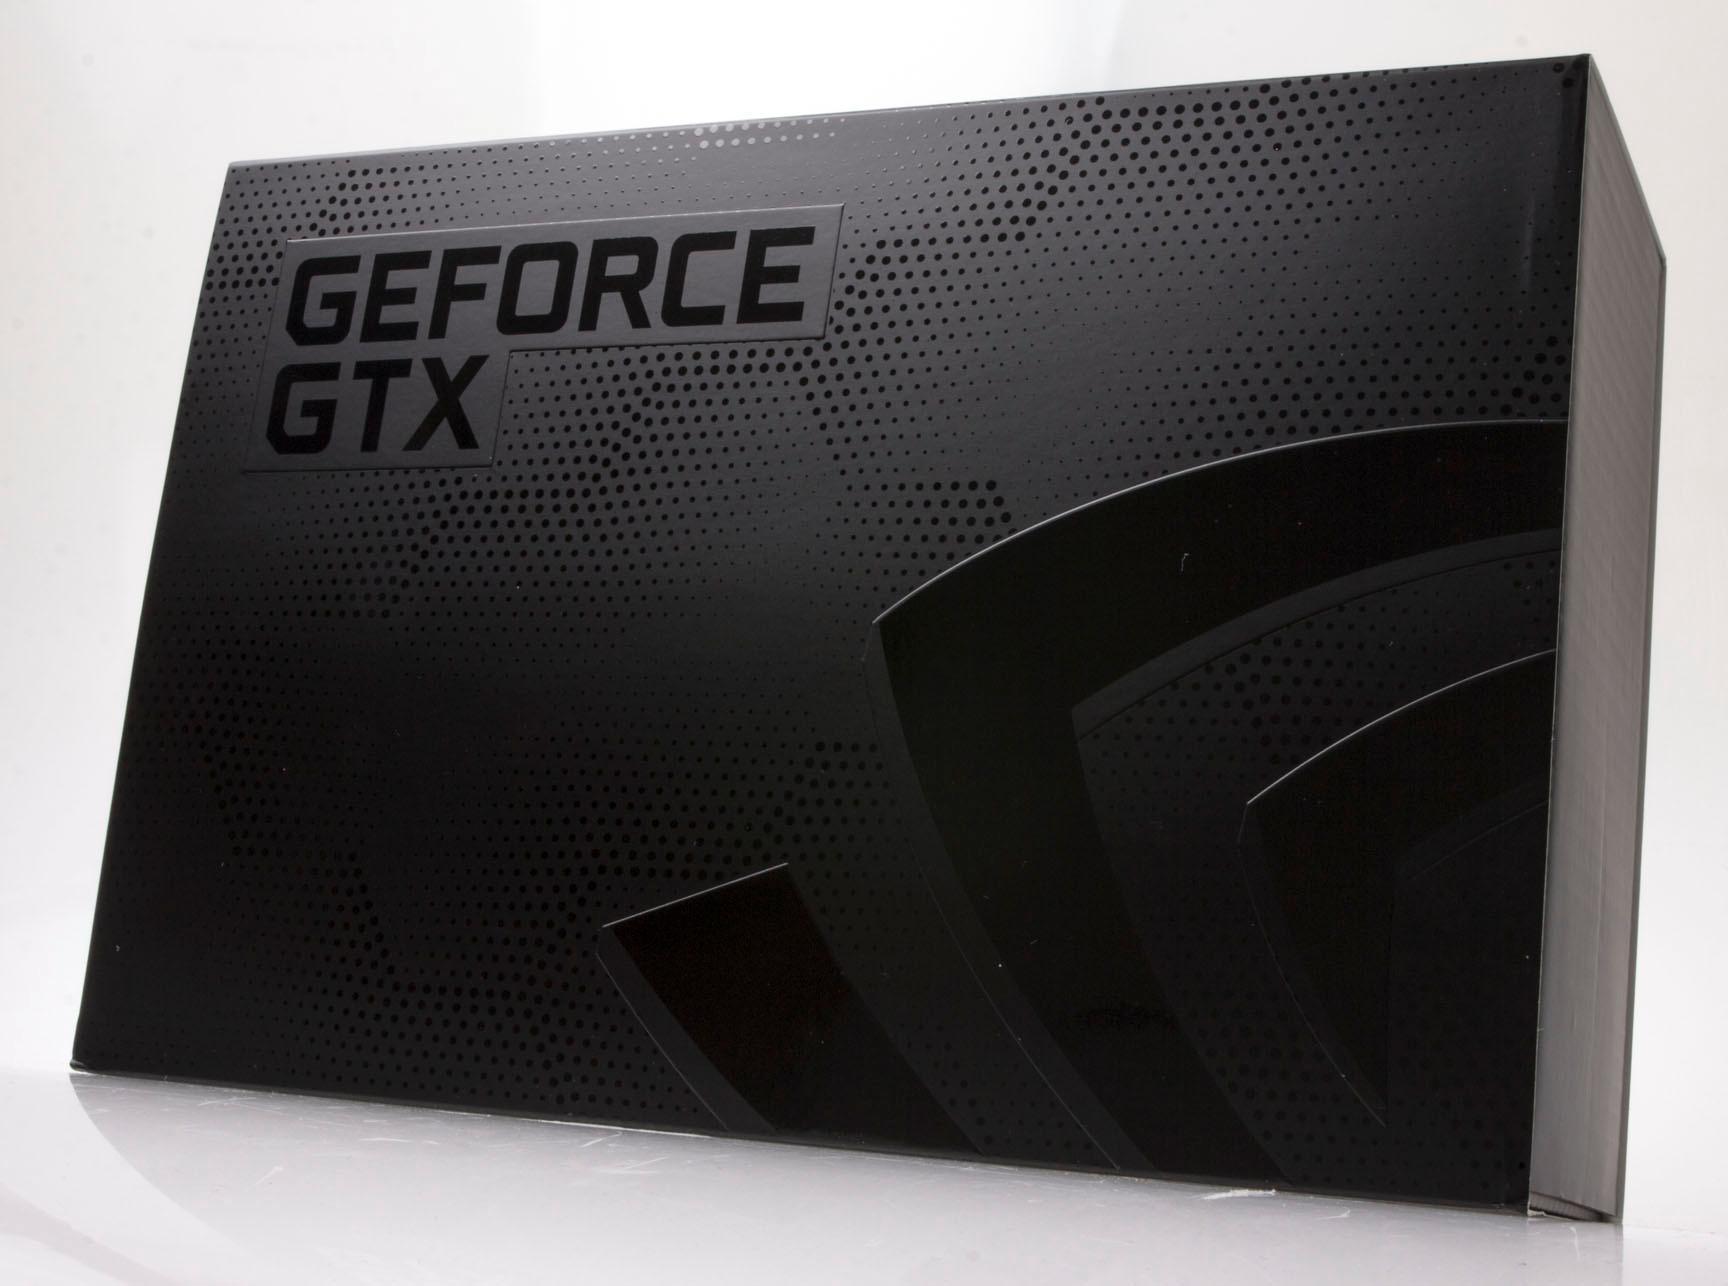 Nvidia GeForce GTX 780: Produkteske.Foto: Varg Aamo, Hardware.no